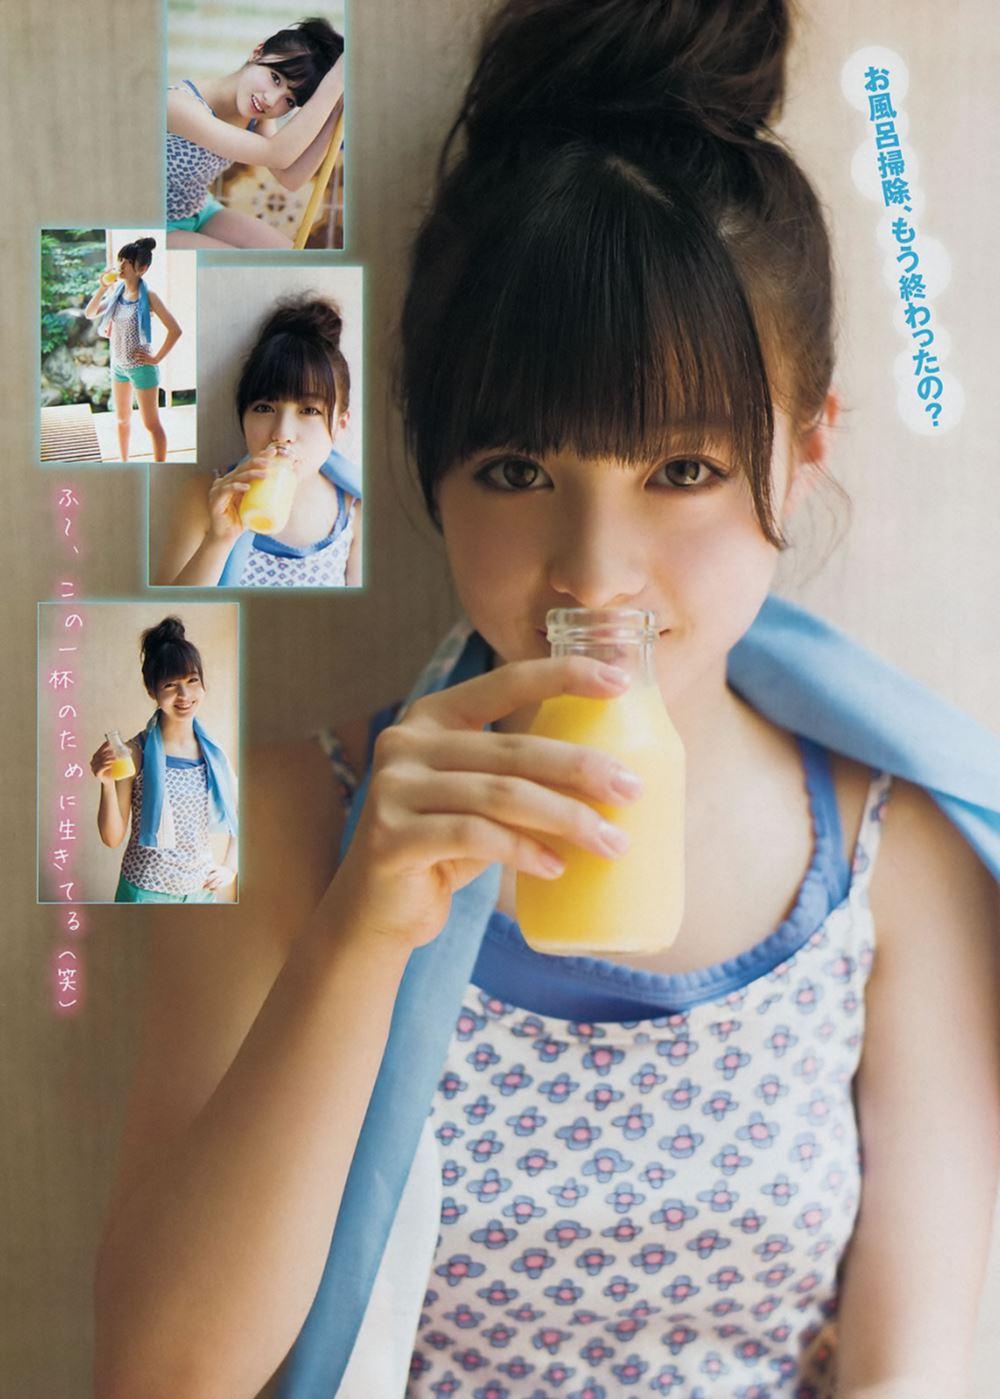 橋本環奈 かわいい 高画質 グラビア画像 85